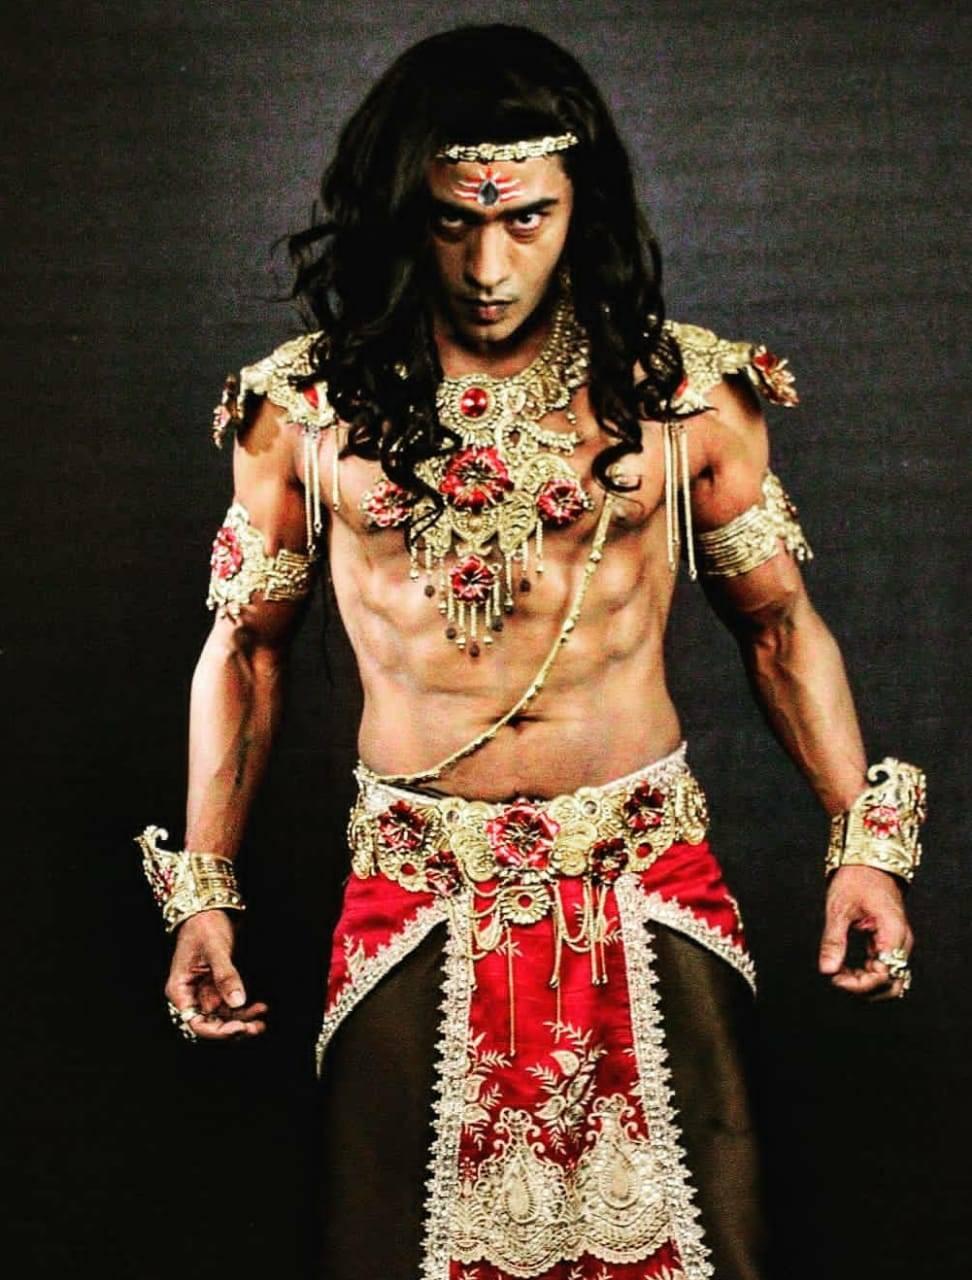 Vinit Kakar as Shishupal in the show RadhaKrishn